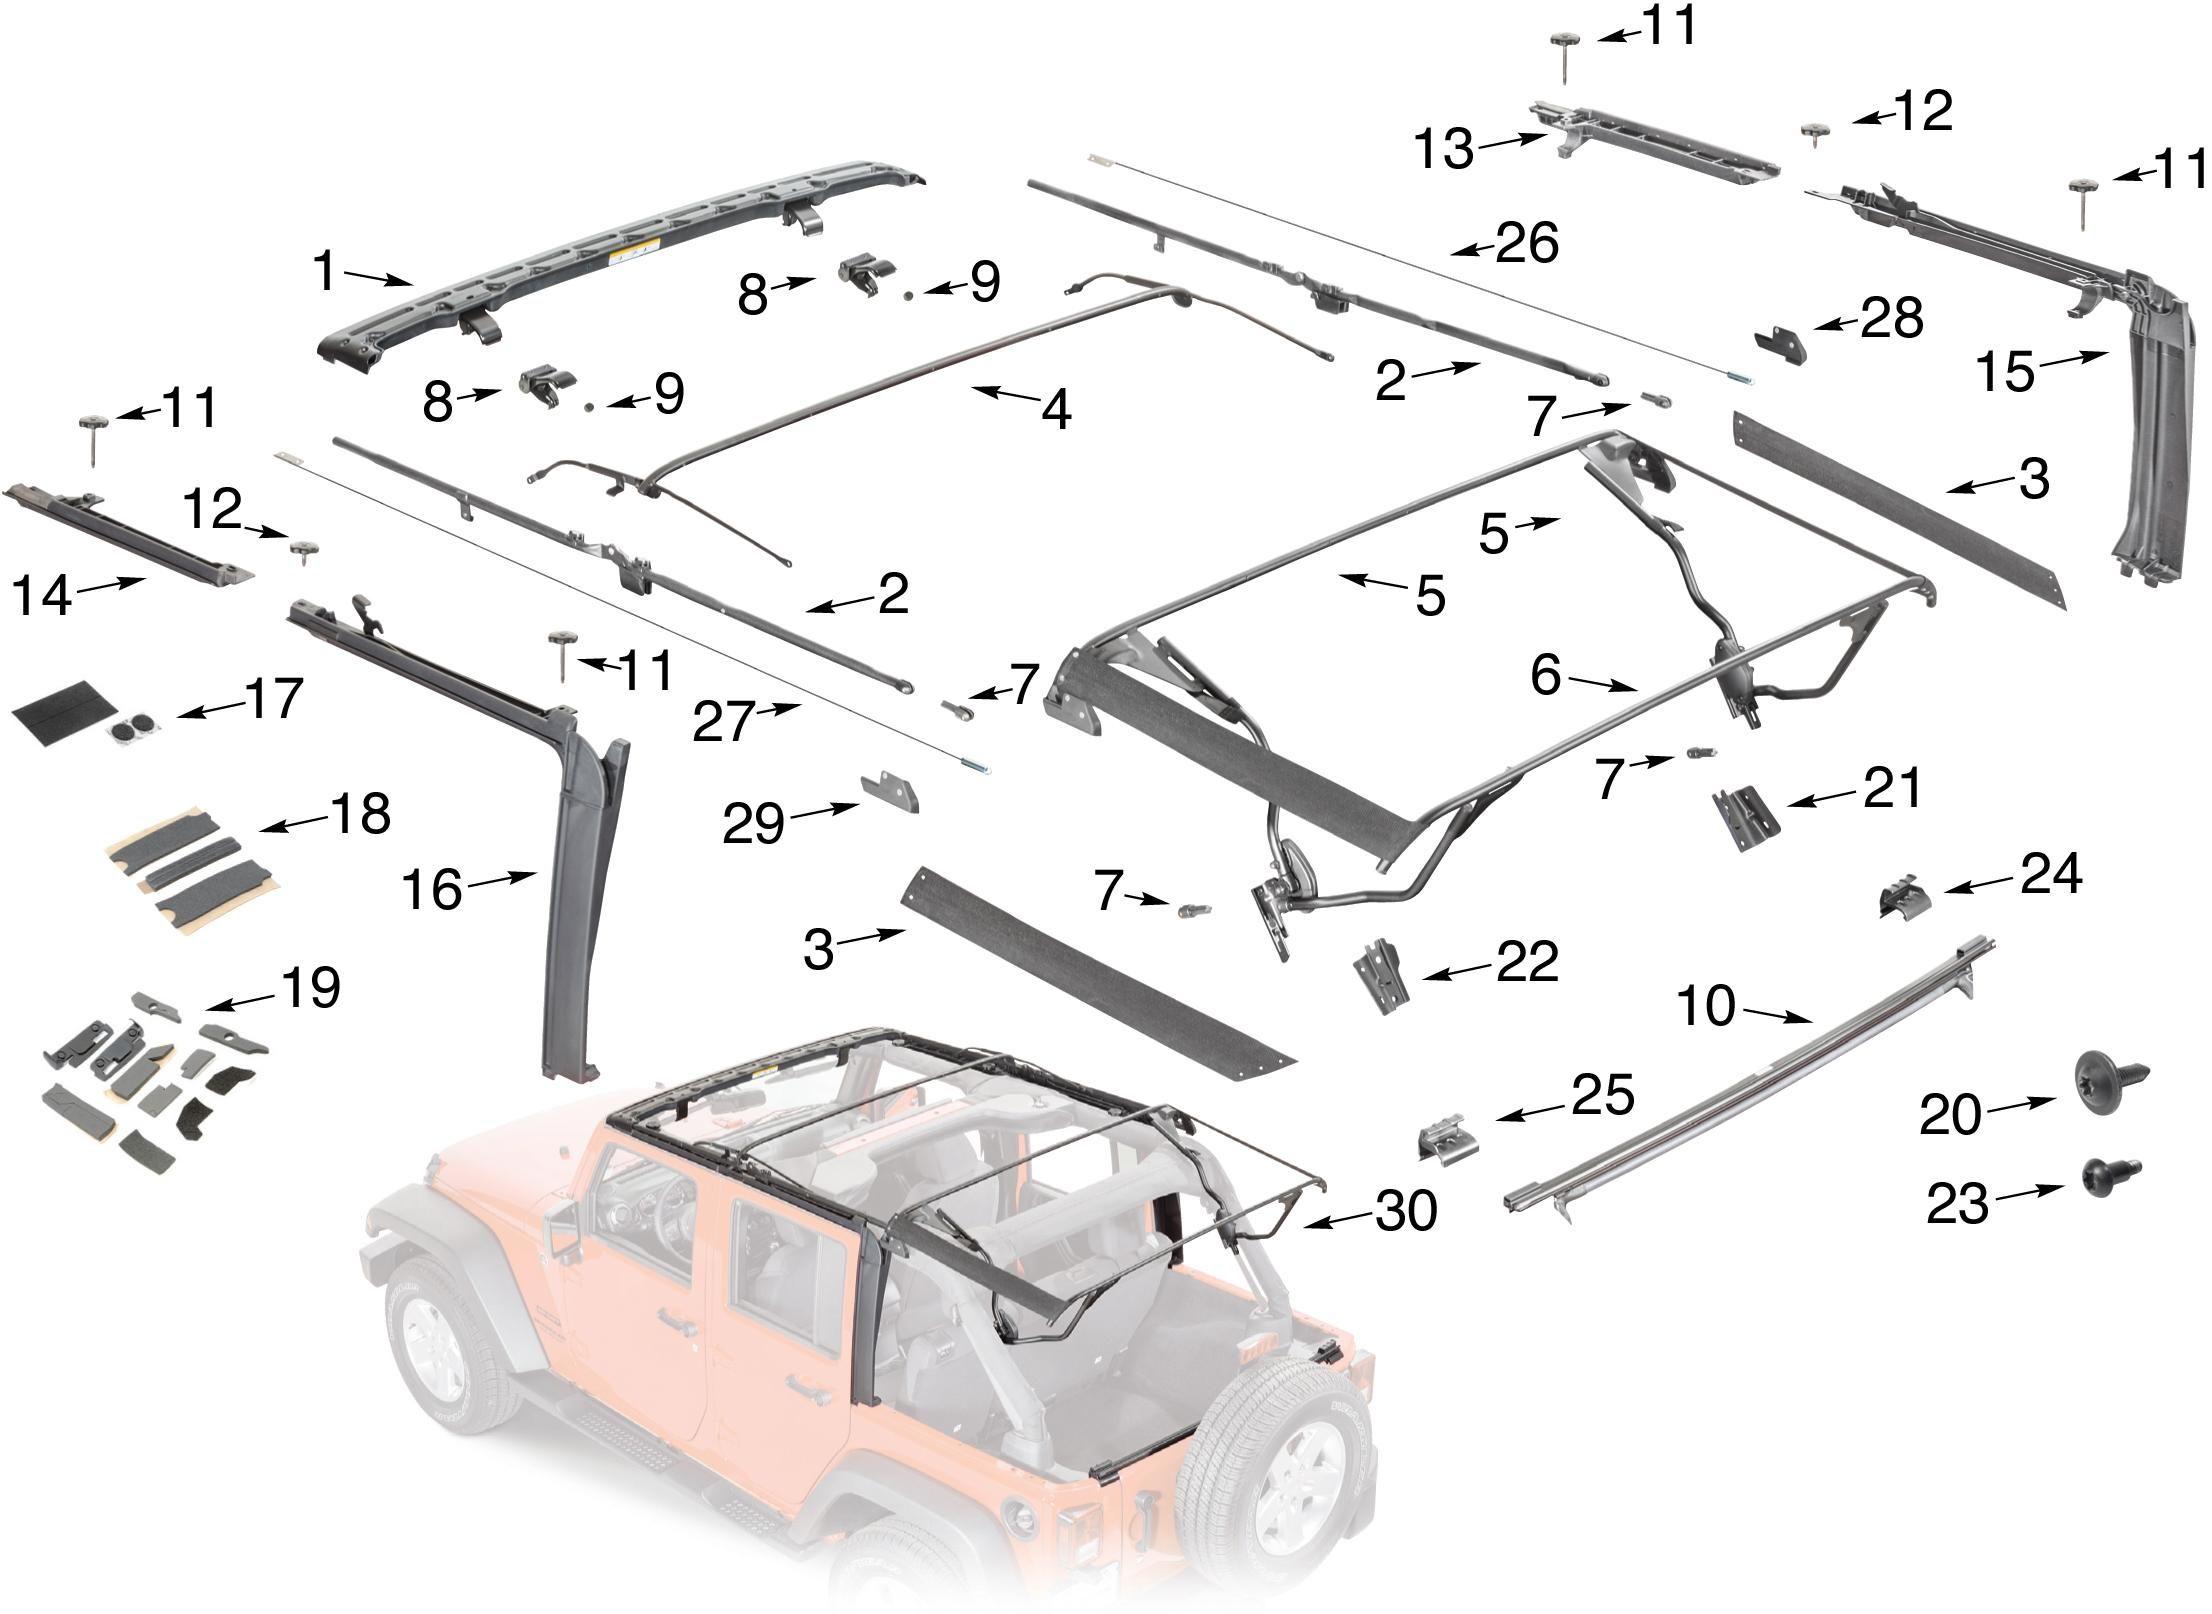 Jeep Wrangler JK Soft Top Hardware Parts 4 Door | Jeep ...